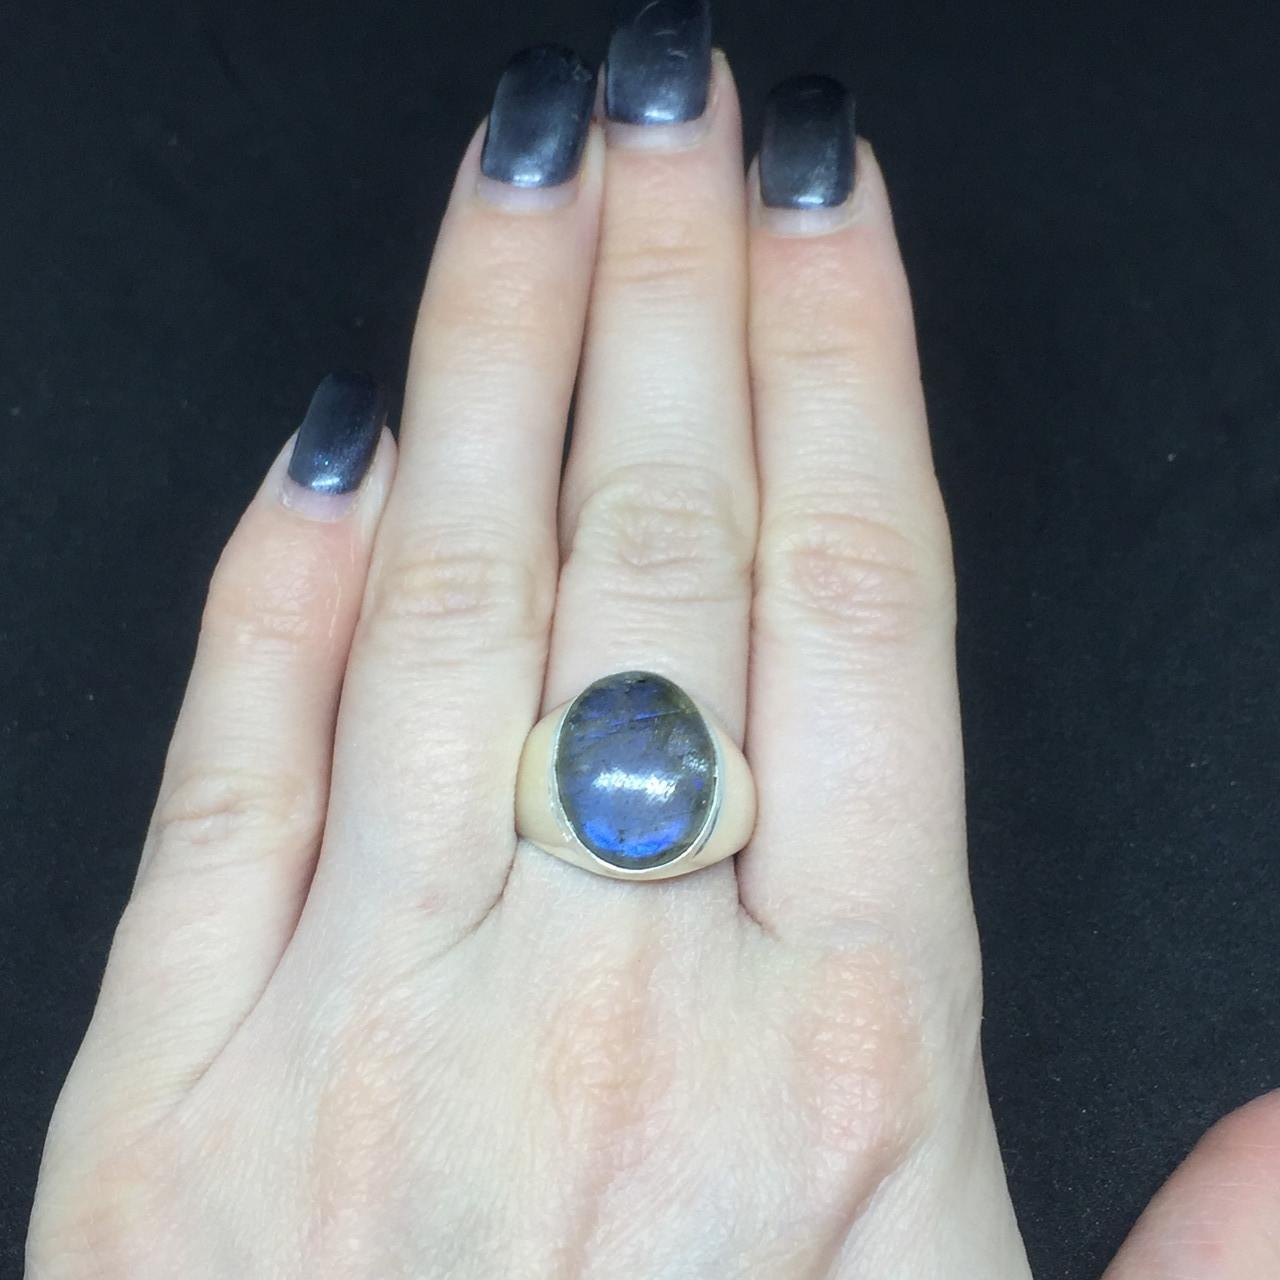 Лабрадор кольцо с натуральным лабрадором в серебре кольцо с лабрадором кольцо лабрадор 18 размер Индия